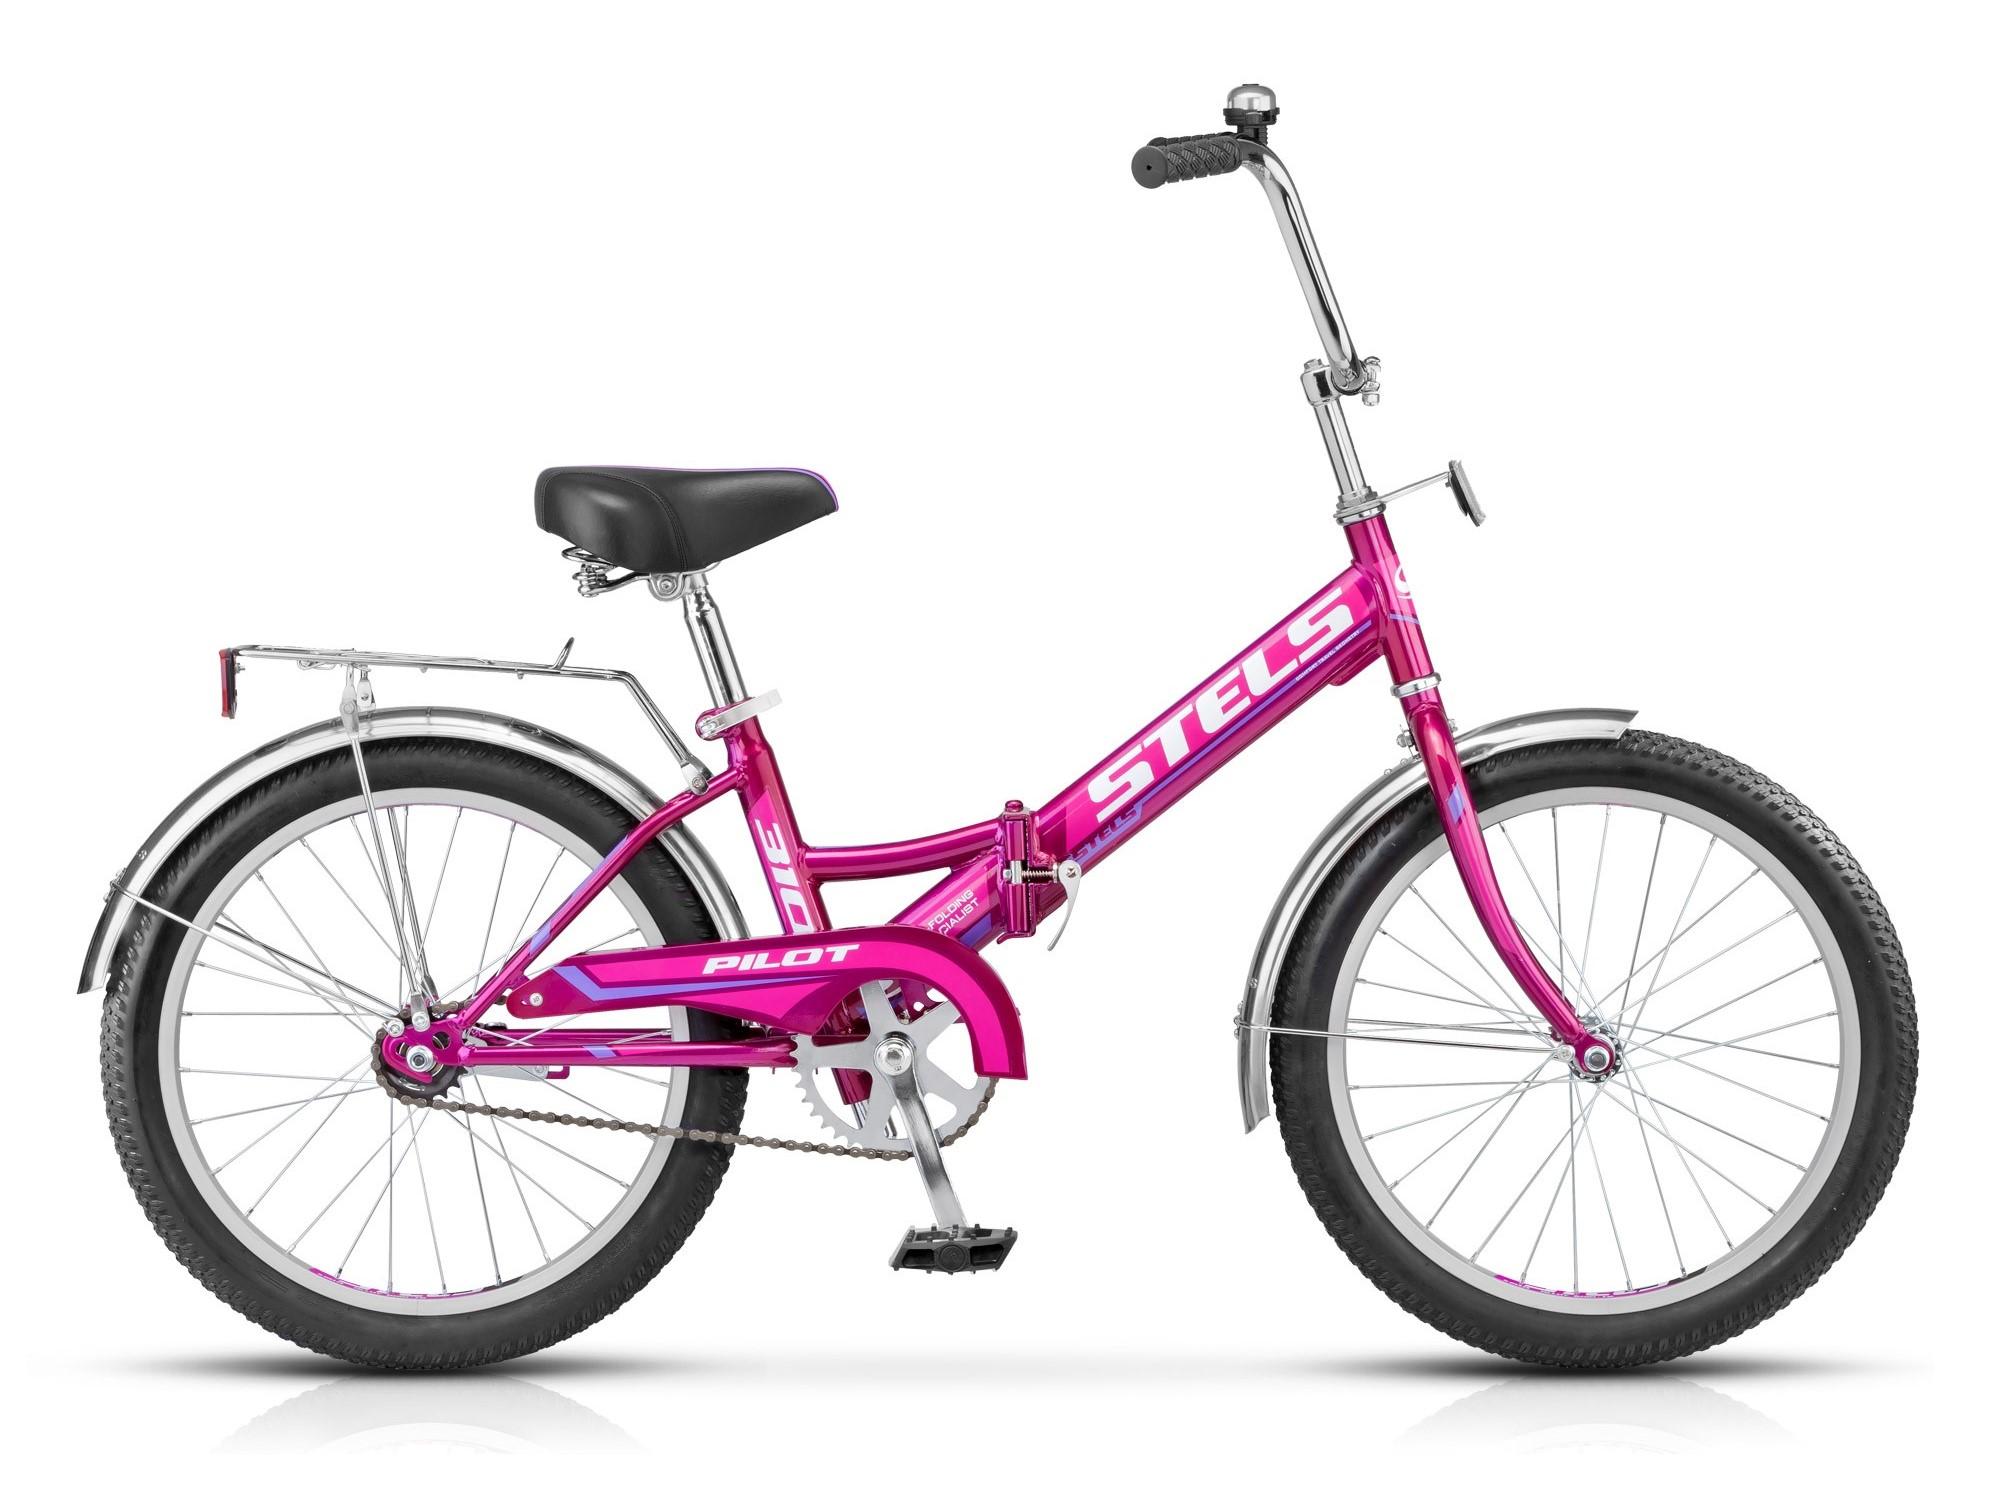 Складной велосипед Pilot 310